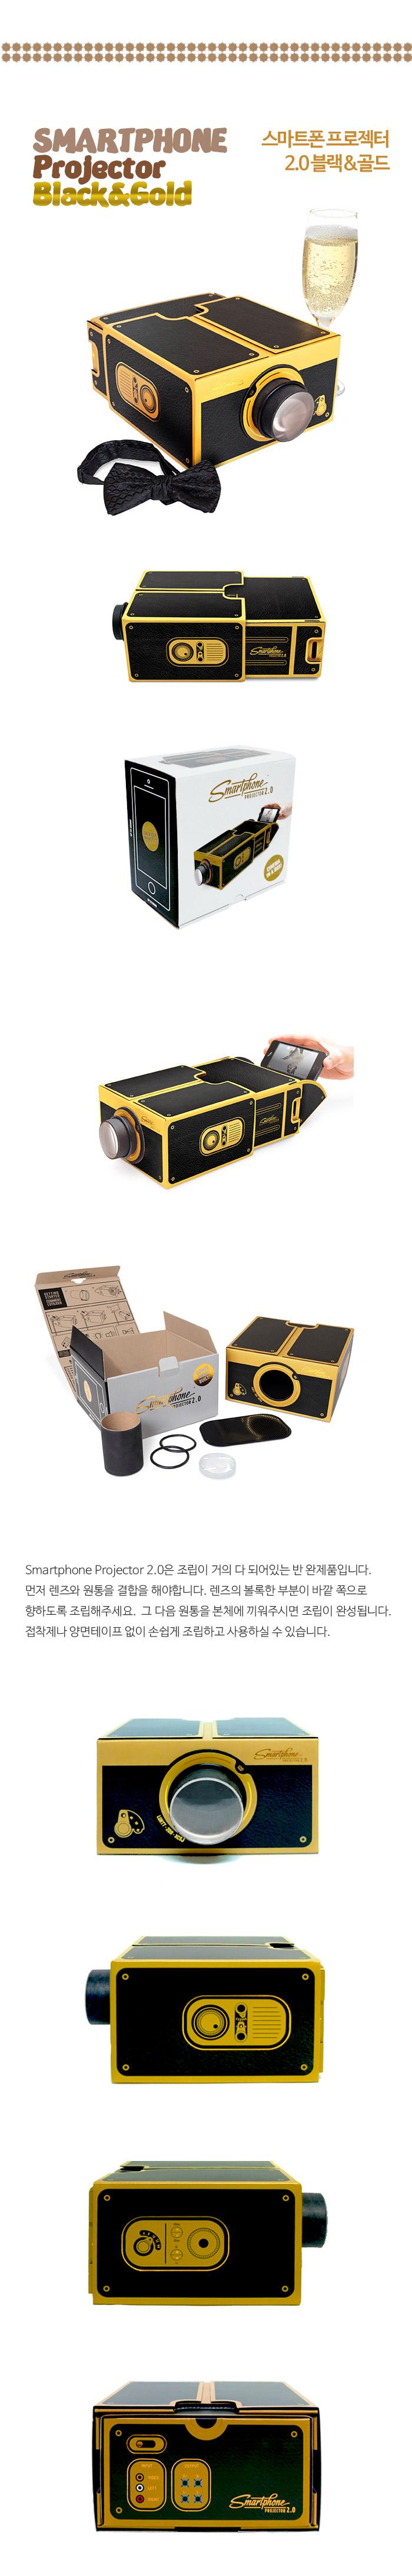 DIY 스마트폰 프로젝터 2.0 Copper/Gold - 원더스토어, 29,000원, 아이디어 상품, 아이디어 상품